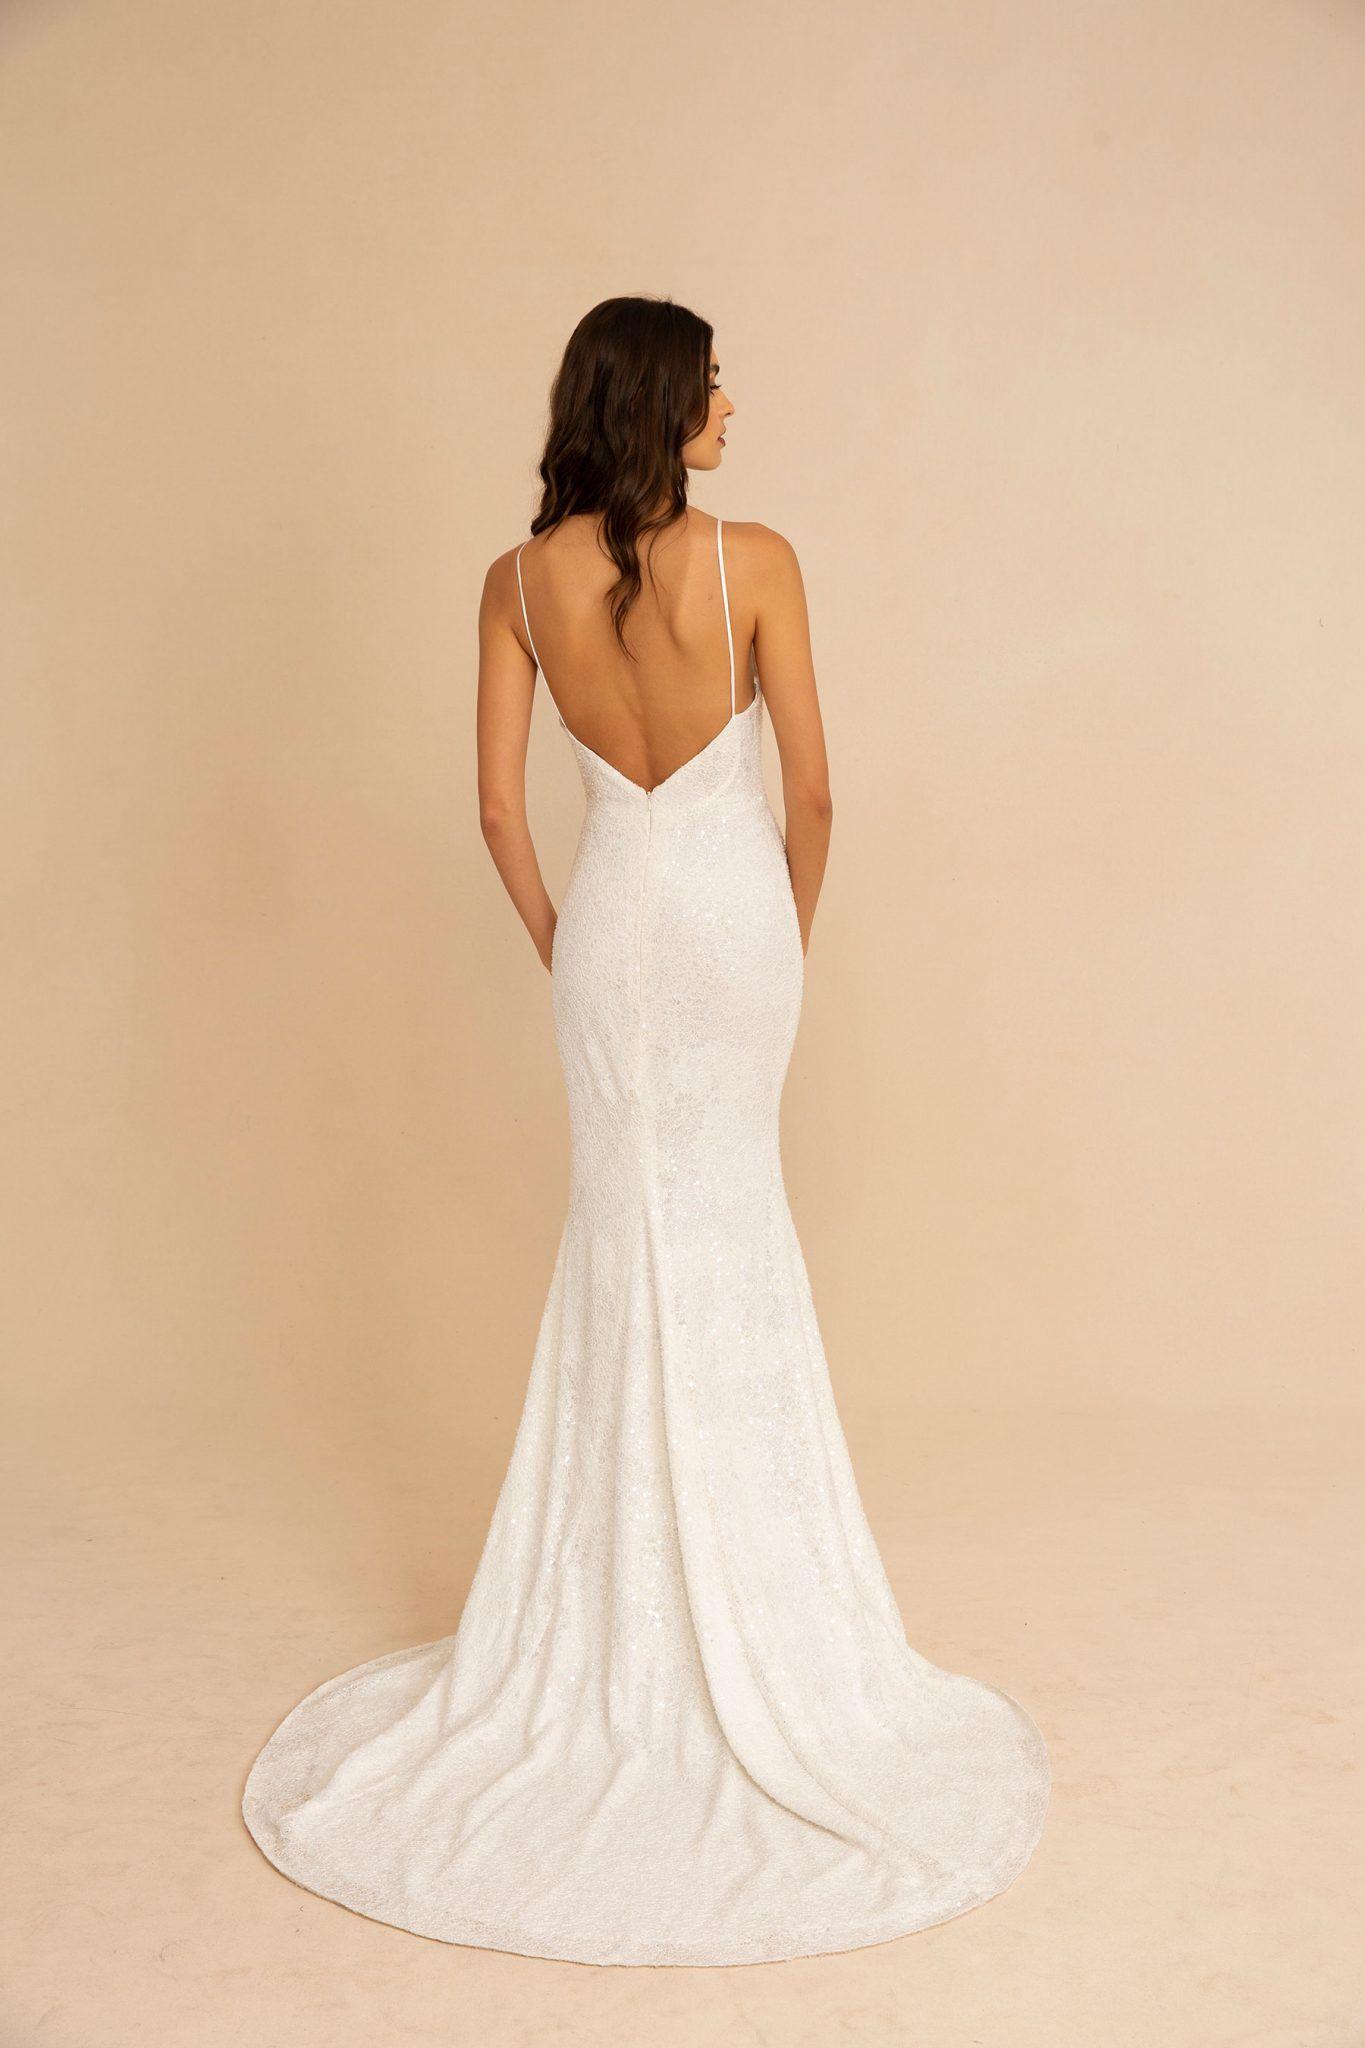 Sultana Beaded Slip Tara Lauren Slip Wedding Dress Dresses Wedding Dresses